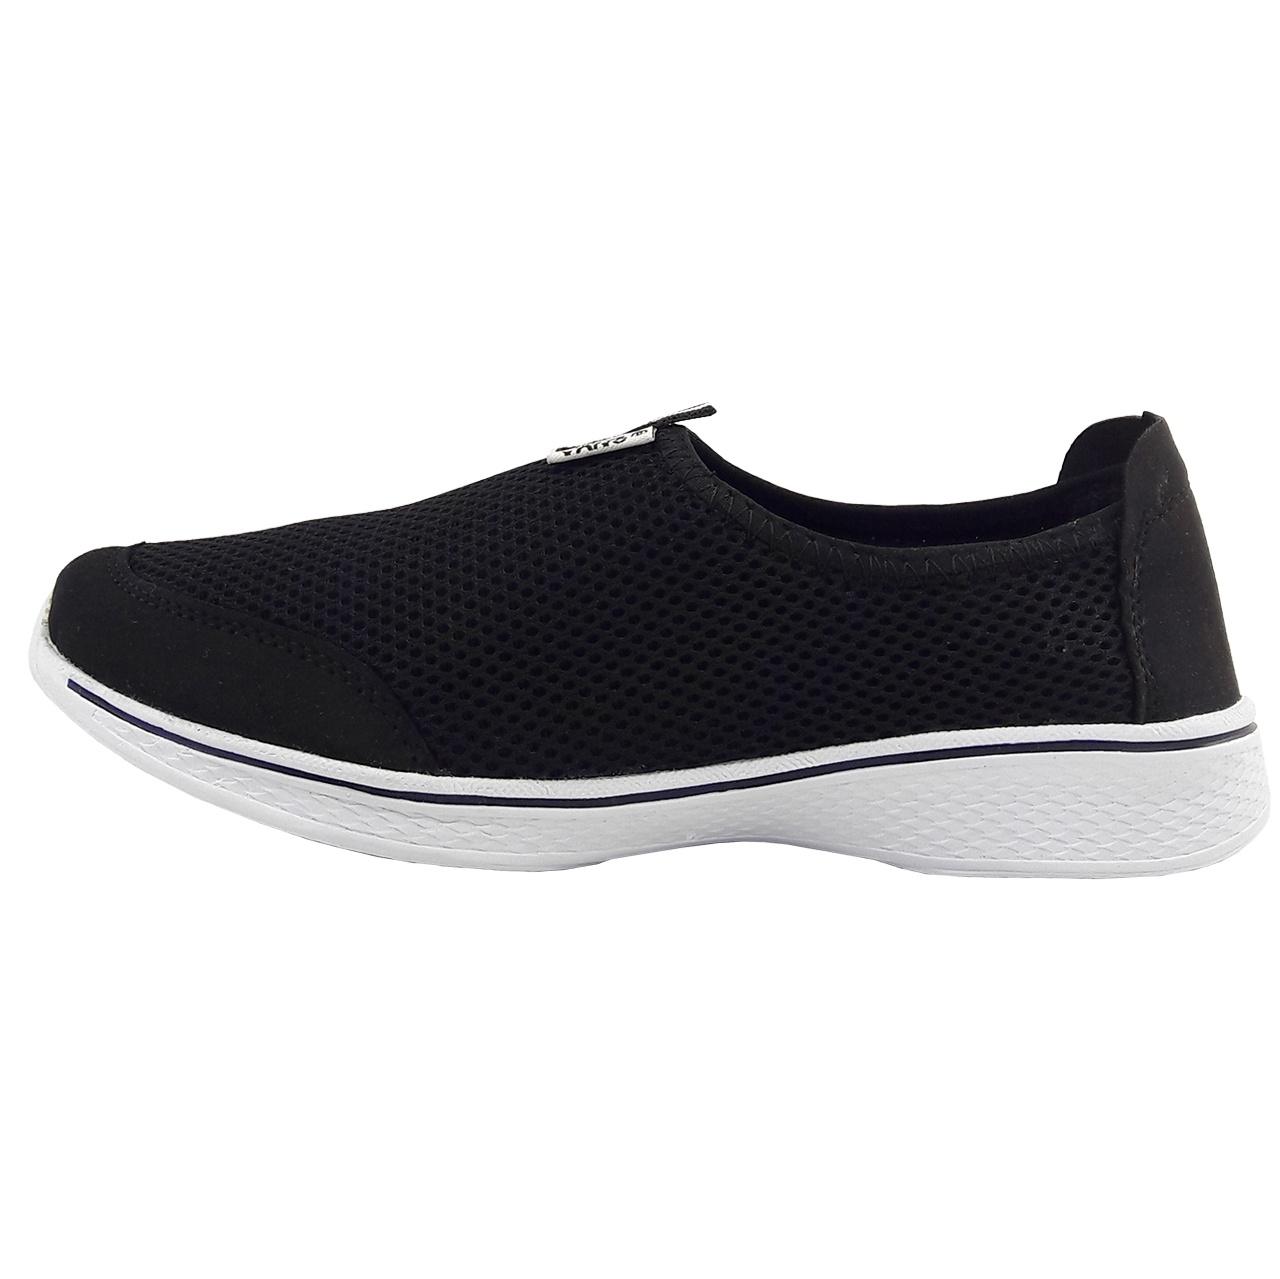 کفش راحتی زنانه مدل Vns.bl-01